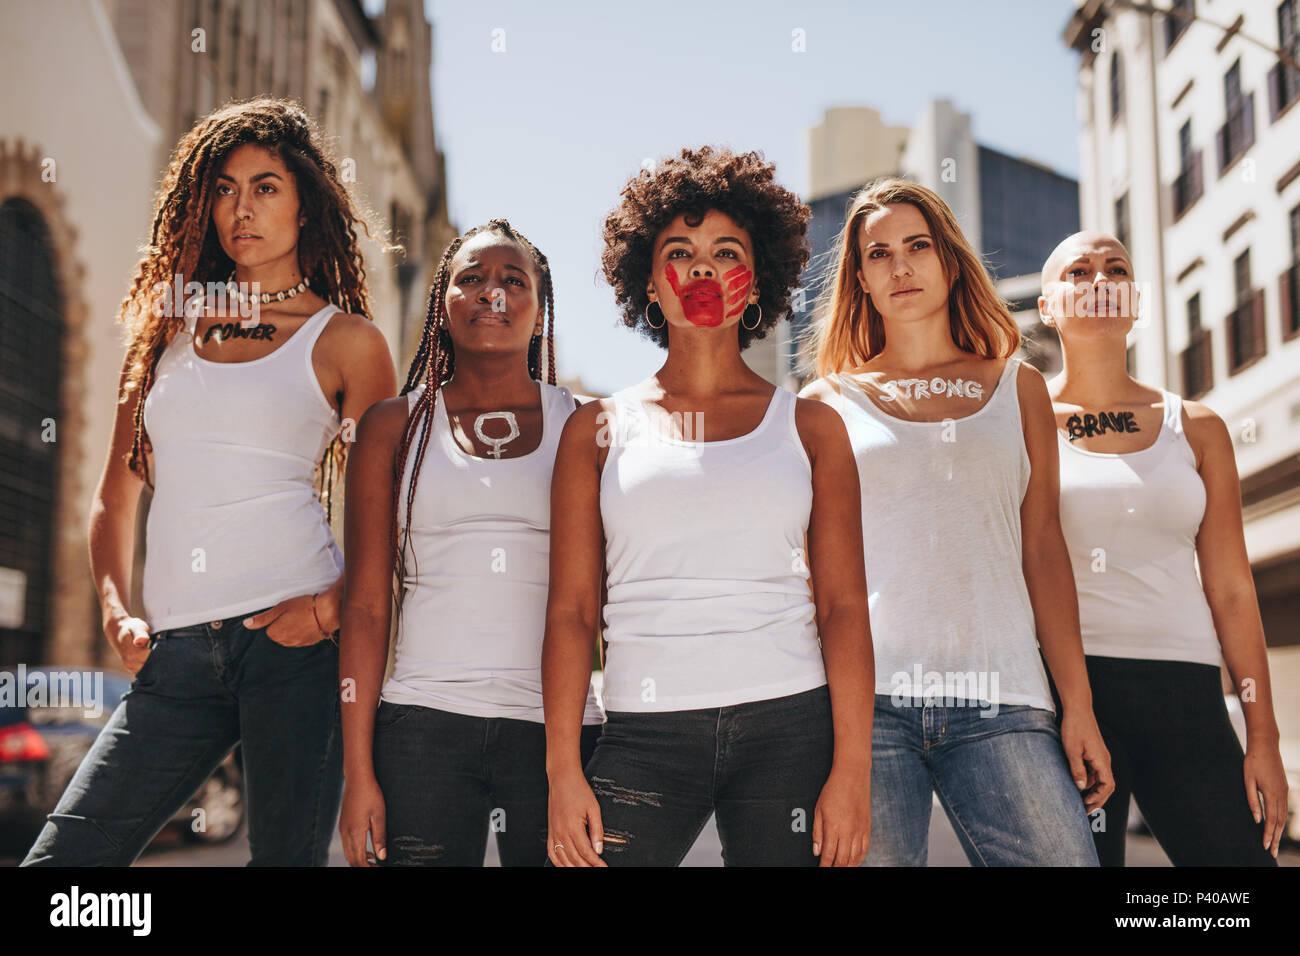 Grupo de mujeres manifestantes marzo en el camino para la emancipación de la mujer. Las mujeres activistas en código de vestir demostrando afuera. Imagen De Stock